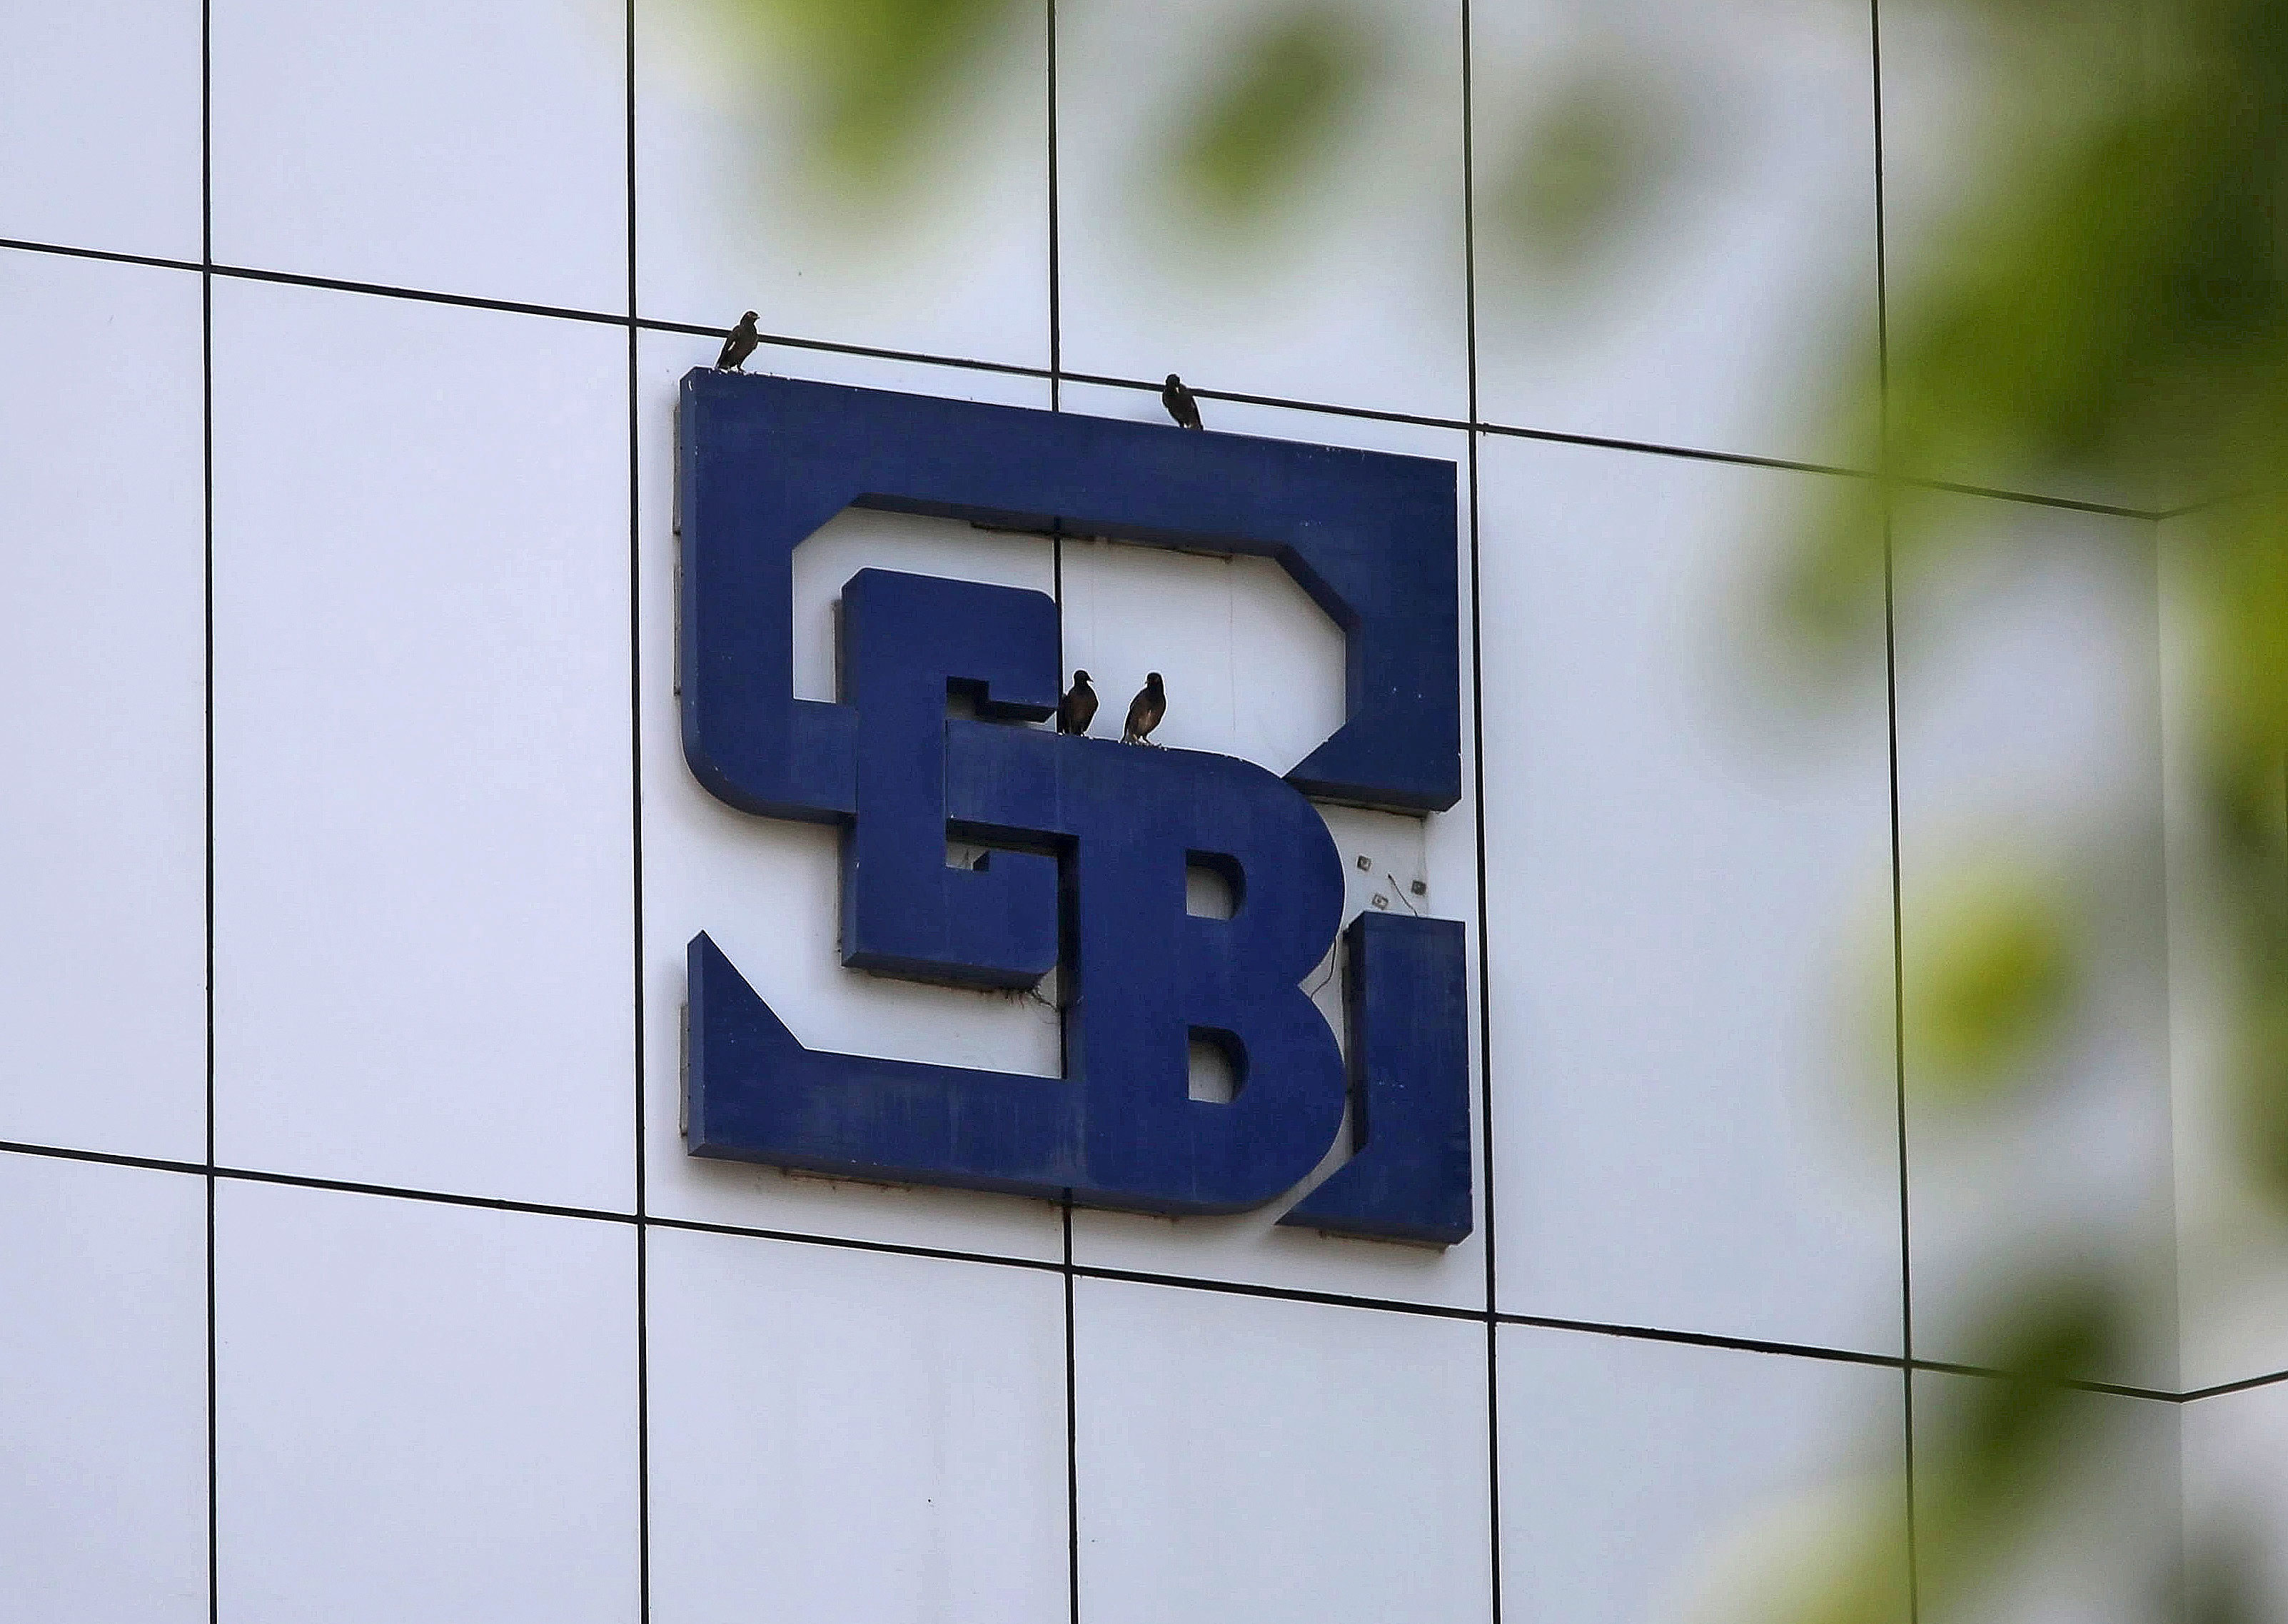 SEBI reconstitutes Takeover Panel